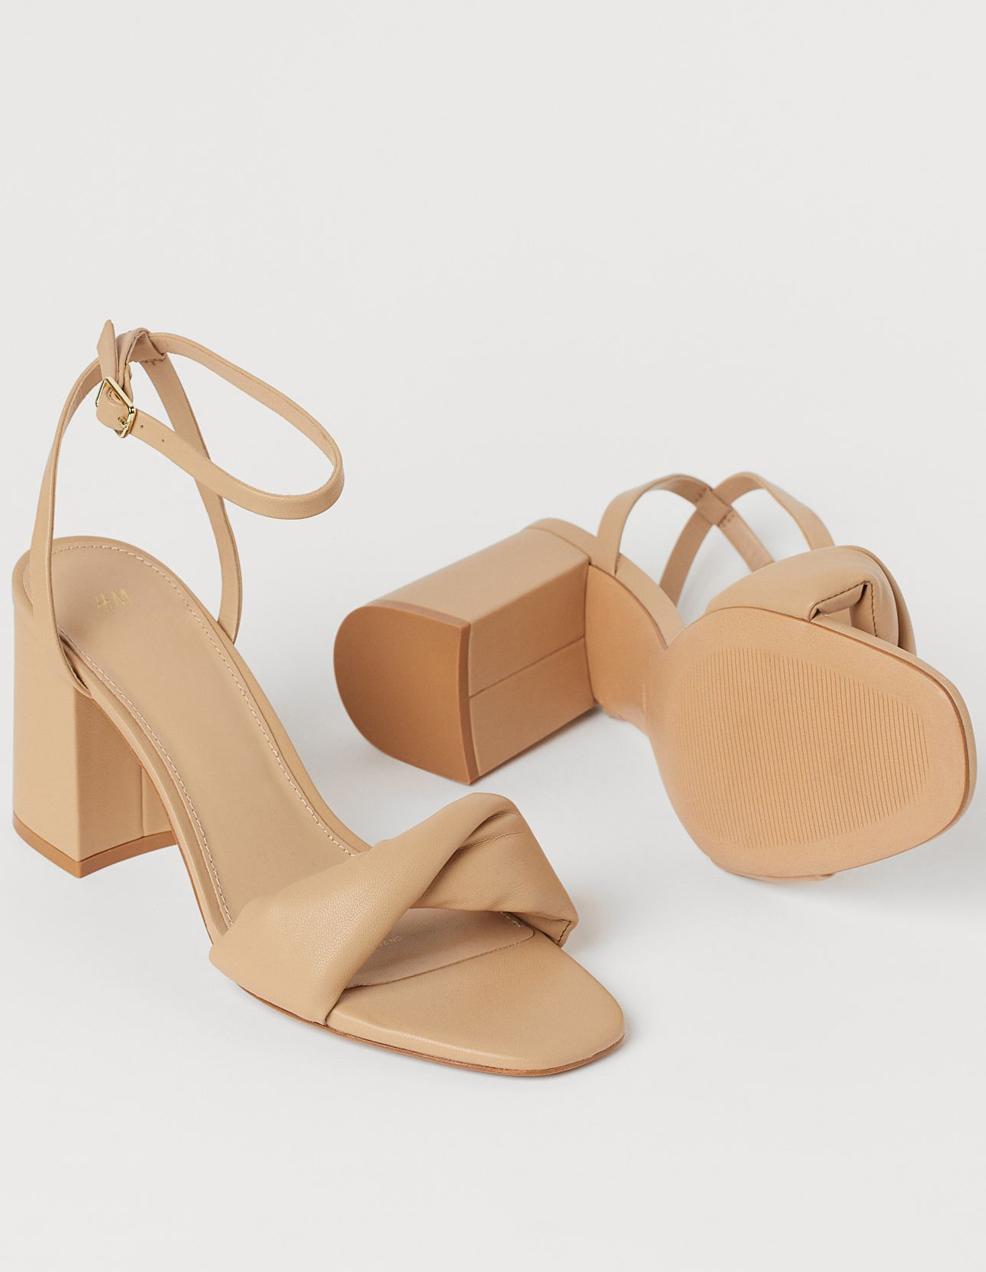 beige block heeled sandals h&m